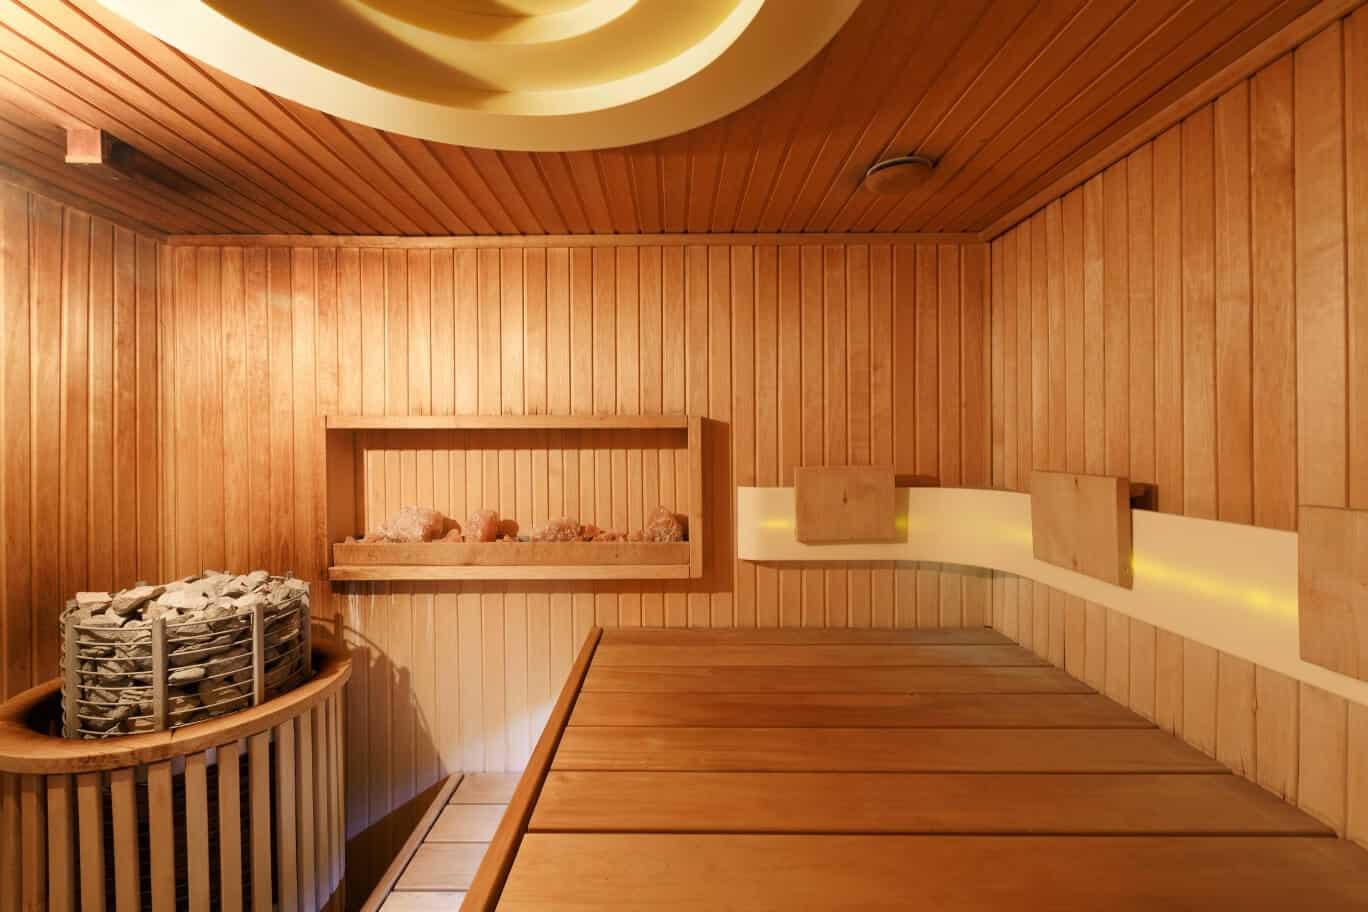 Sauna-Kabine von innen mit Licht und Ofen